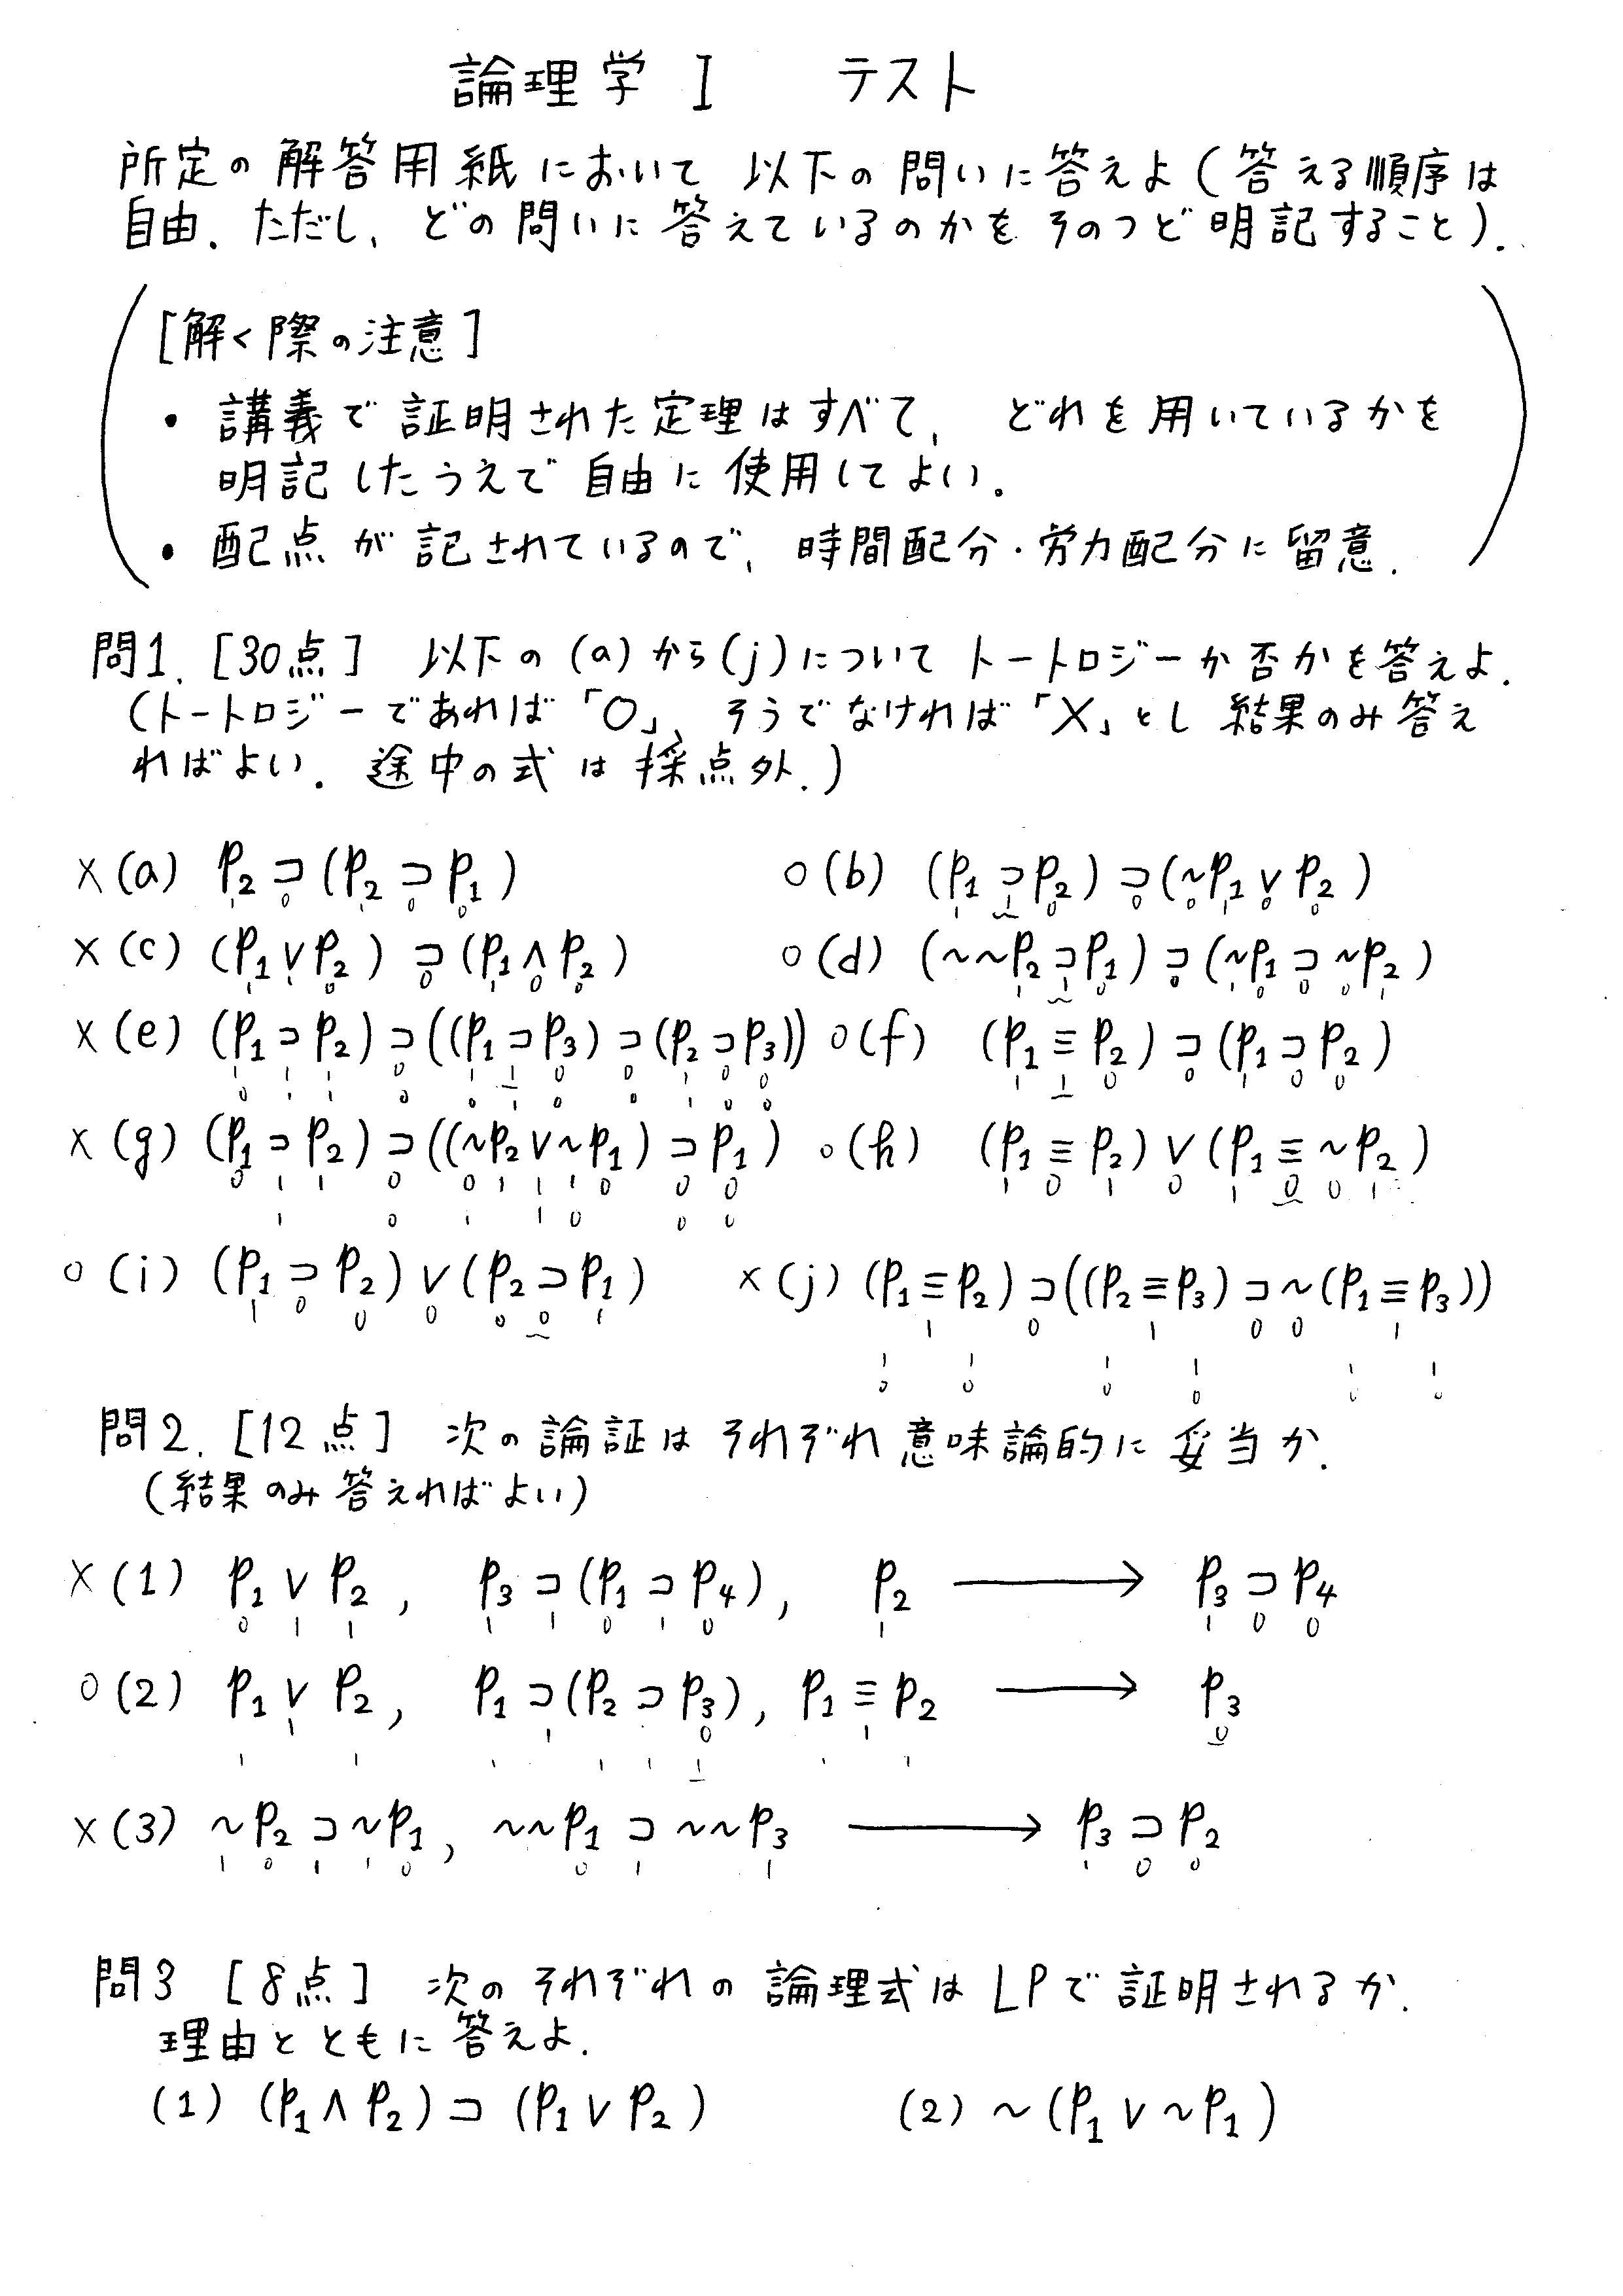 A_論理学I - 地環2015